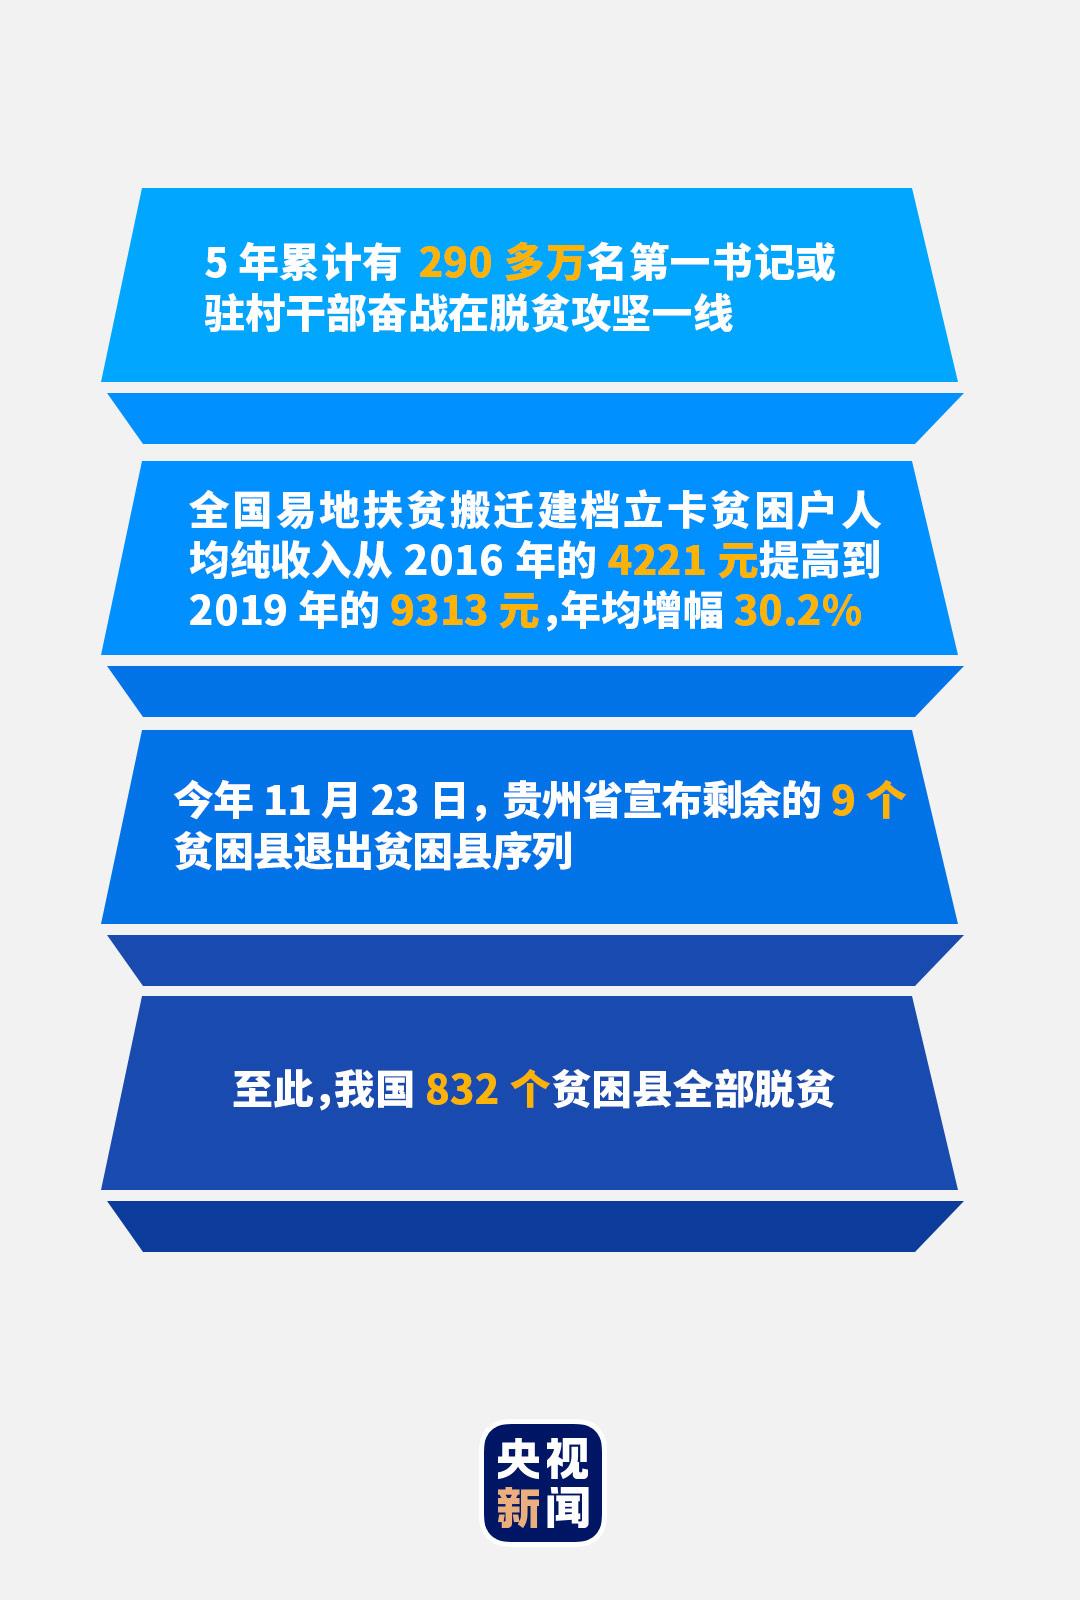 習近平領航中國經濟巨輪破浪前行-圖12